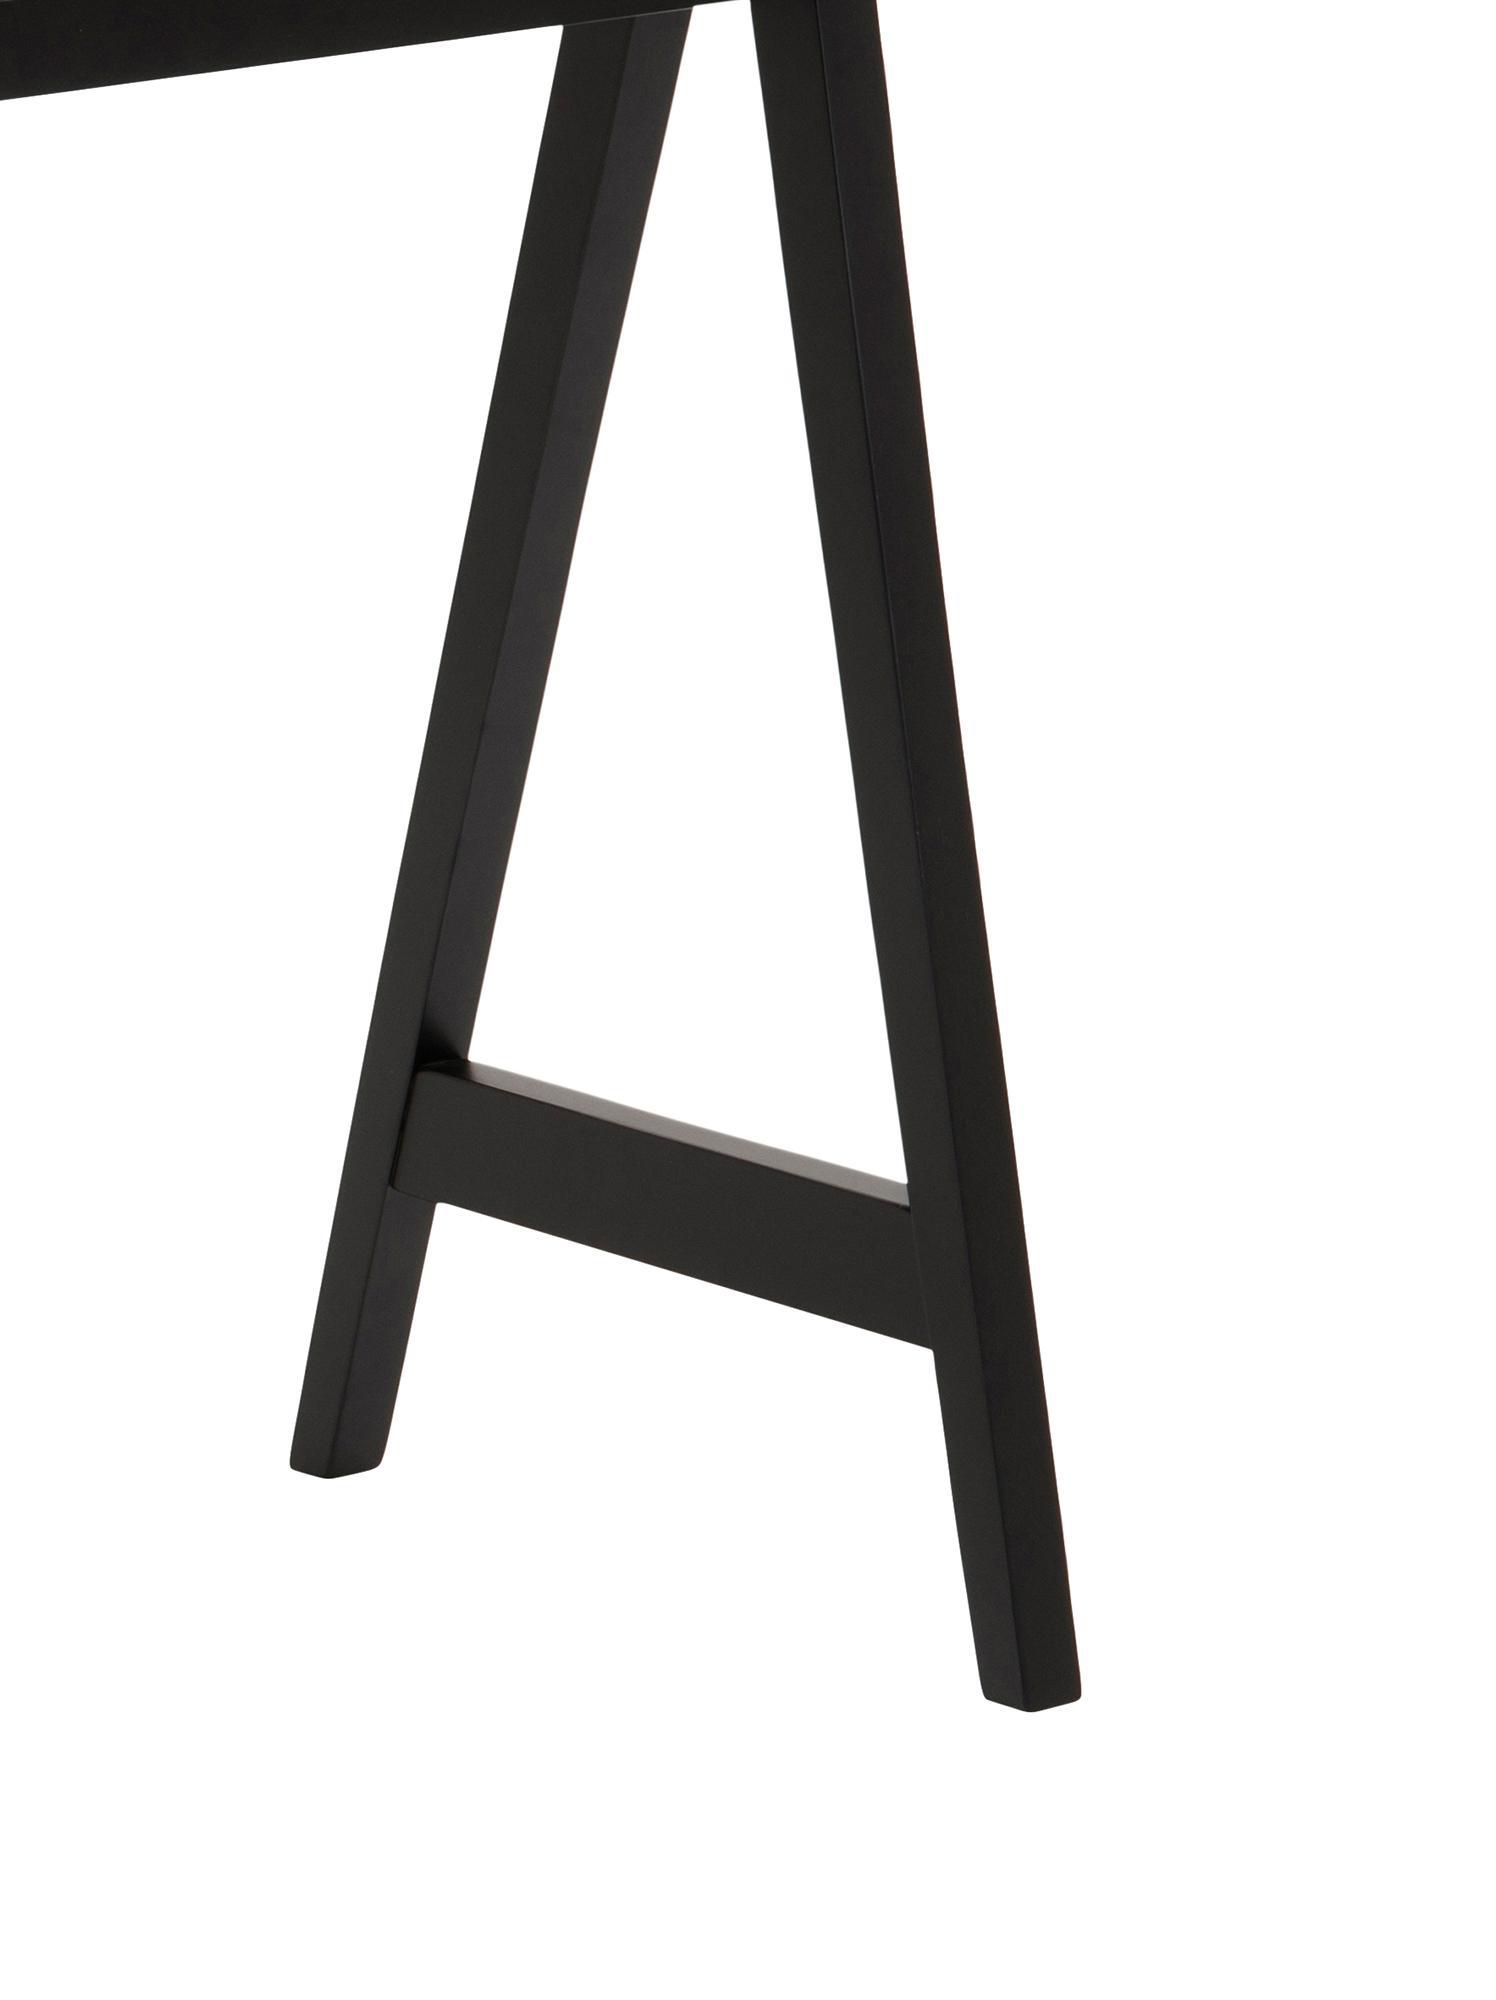 Scrivania moderna Miso, Pannello di fibra a media densità (MDF) verniciato, Nero, Larg. 127 x Prof. 52 cm